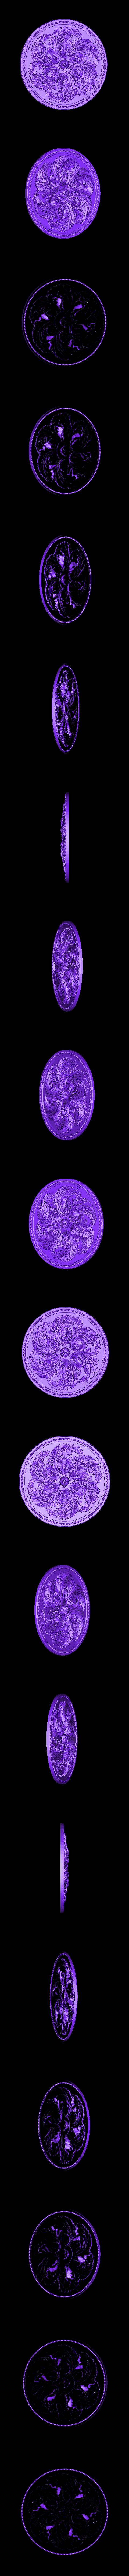 46.obj Télécharger fichier OBJ gratuit Moulures vintage pour vieux appartements classiques cnc art machine à router 3D printed • Modèle à imprimer en 3D, 3DPrinterFiles